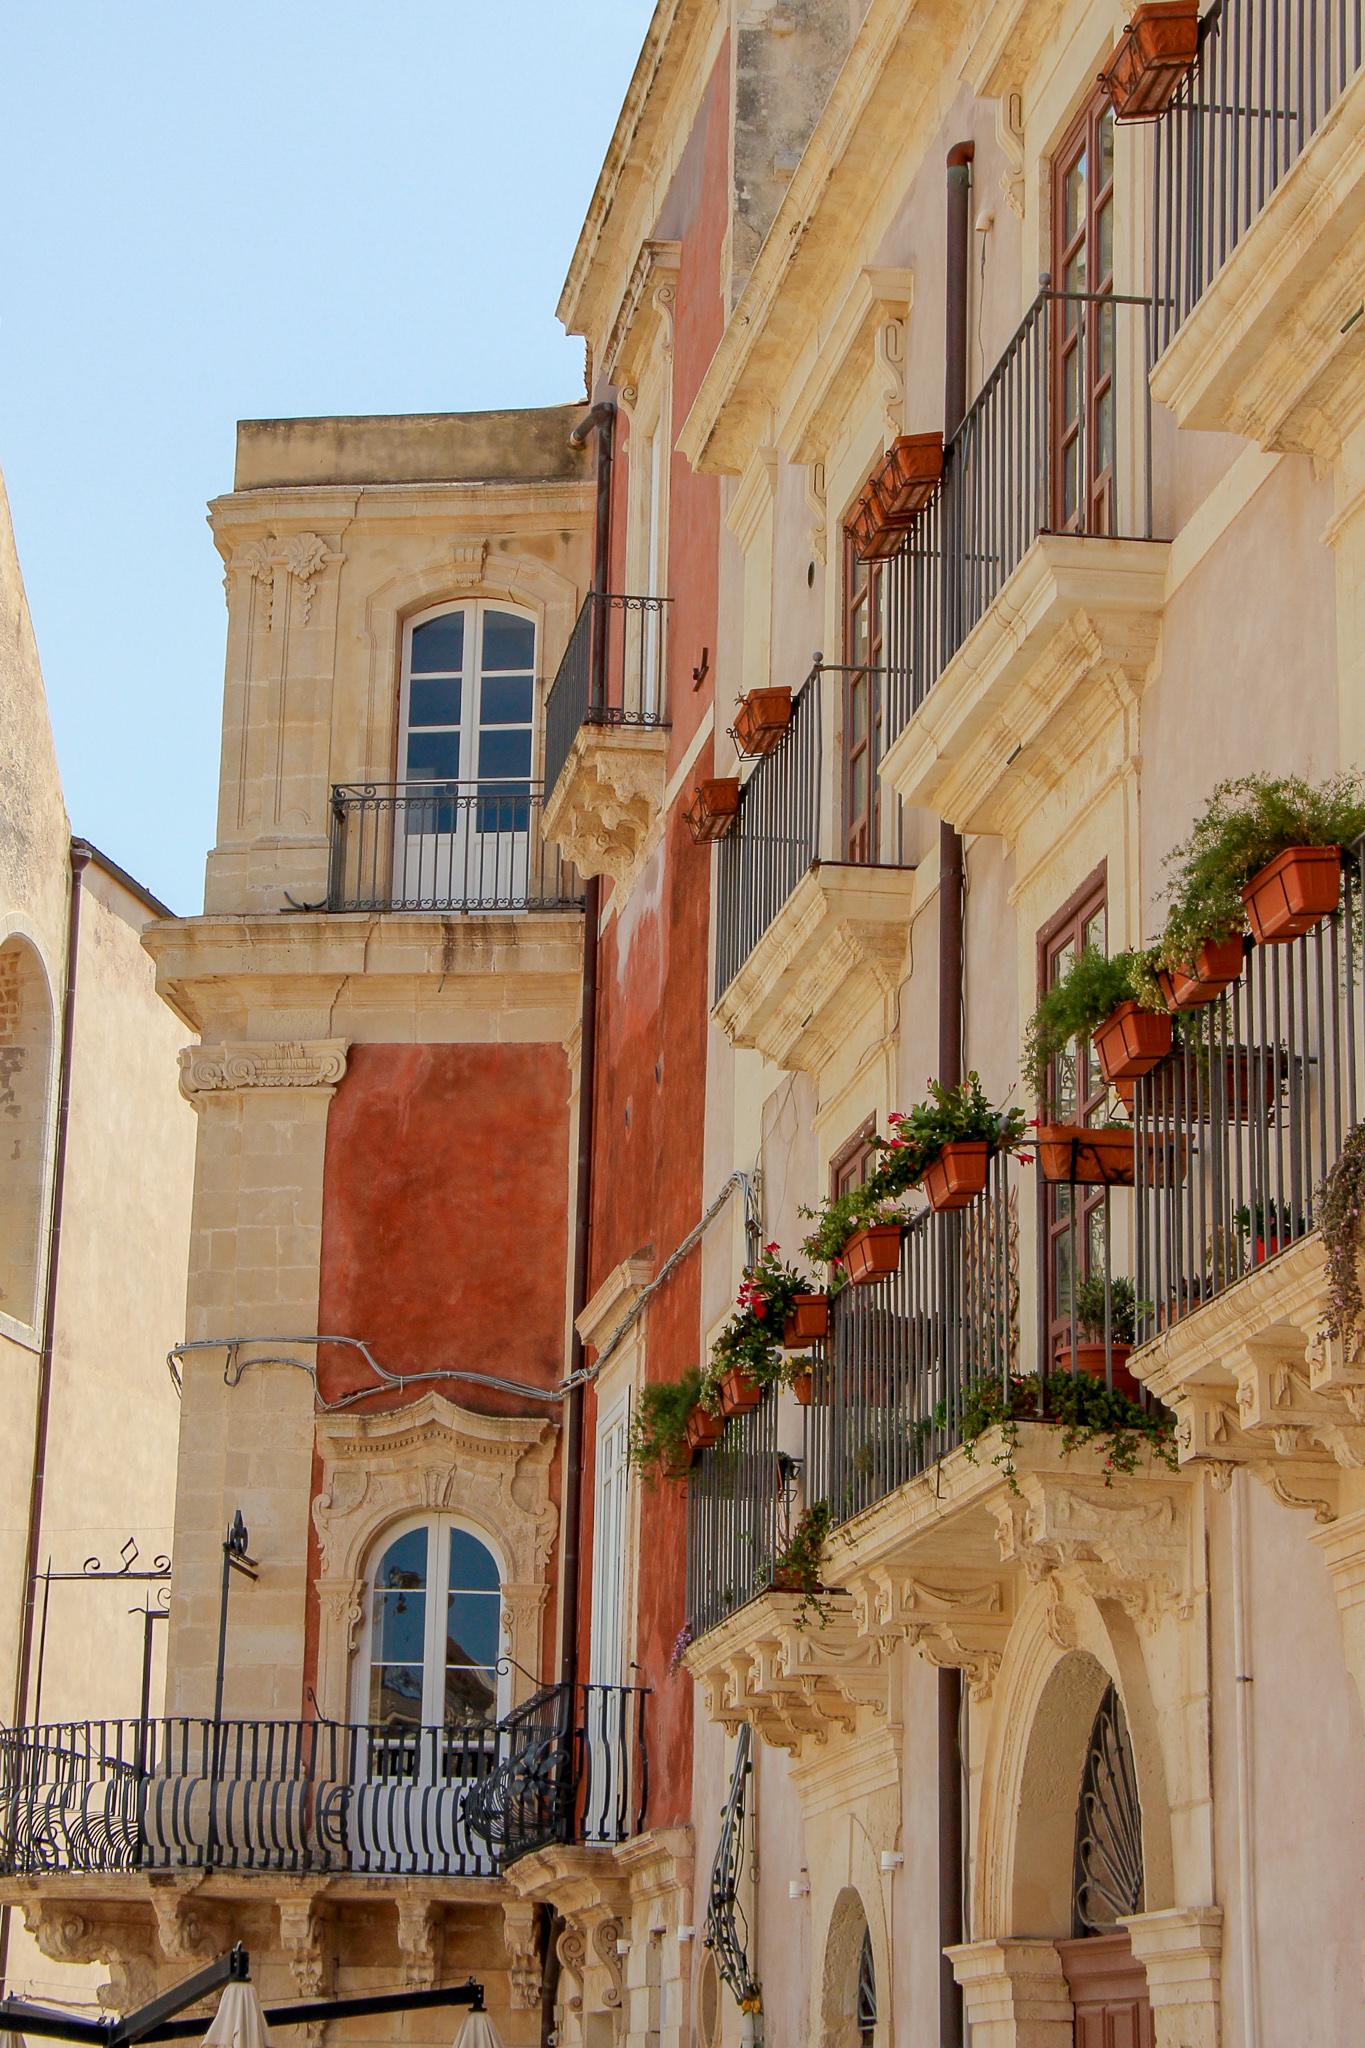 Streets of Oritigia Sicily Italy